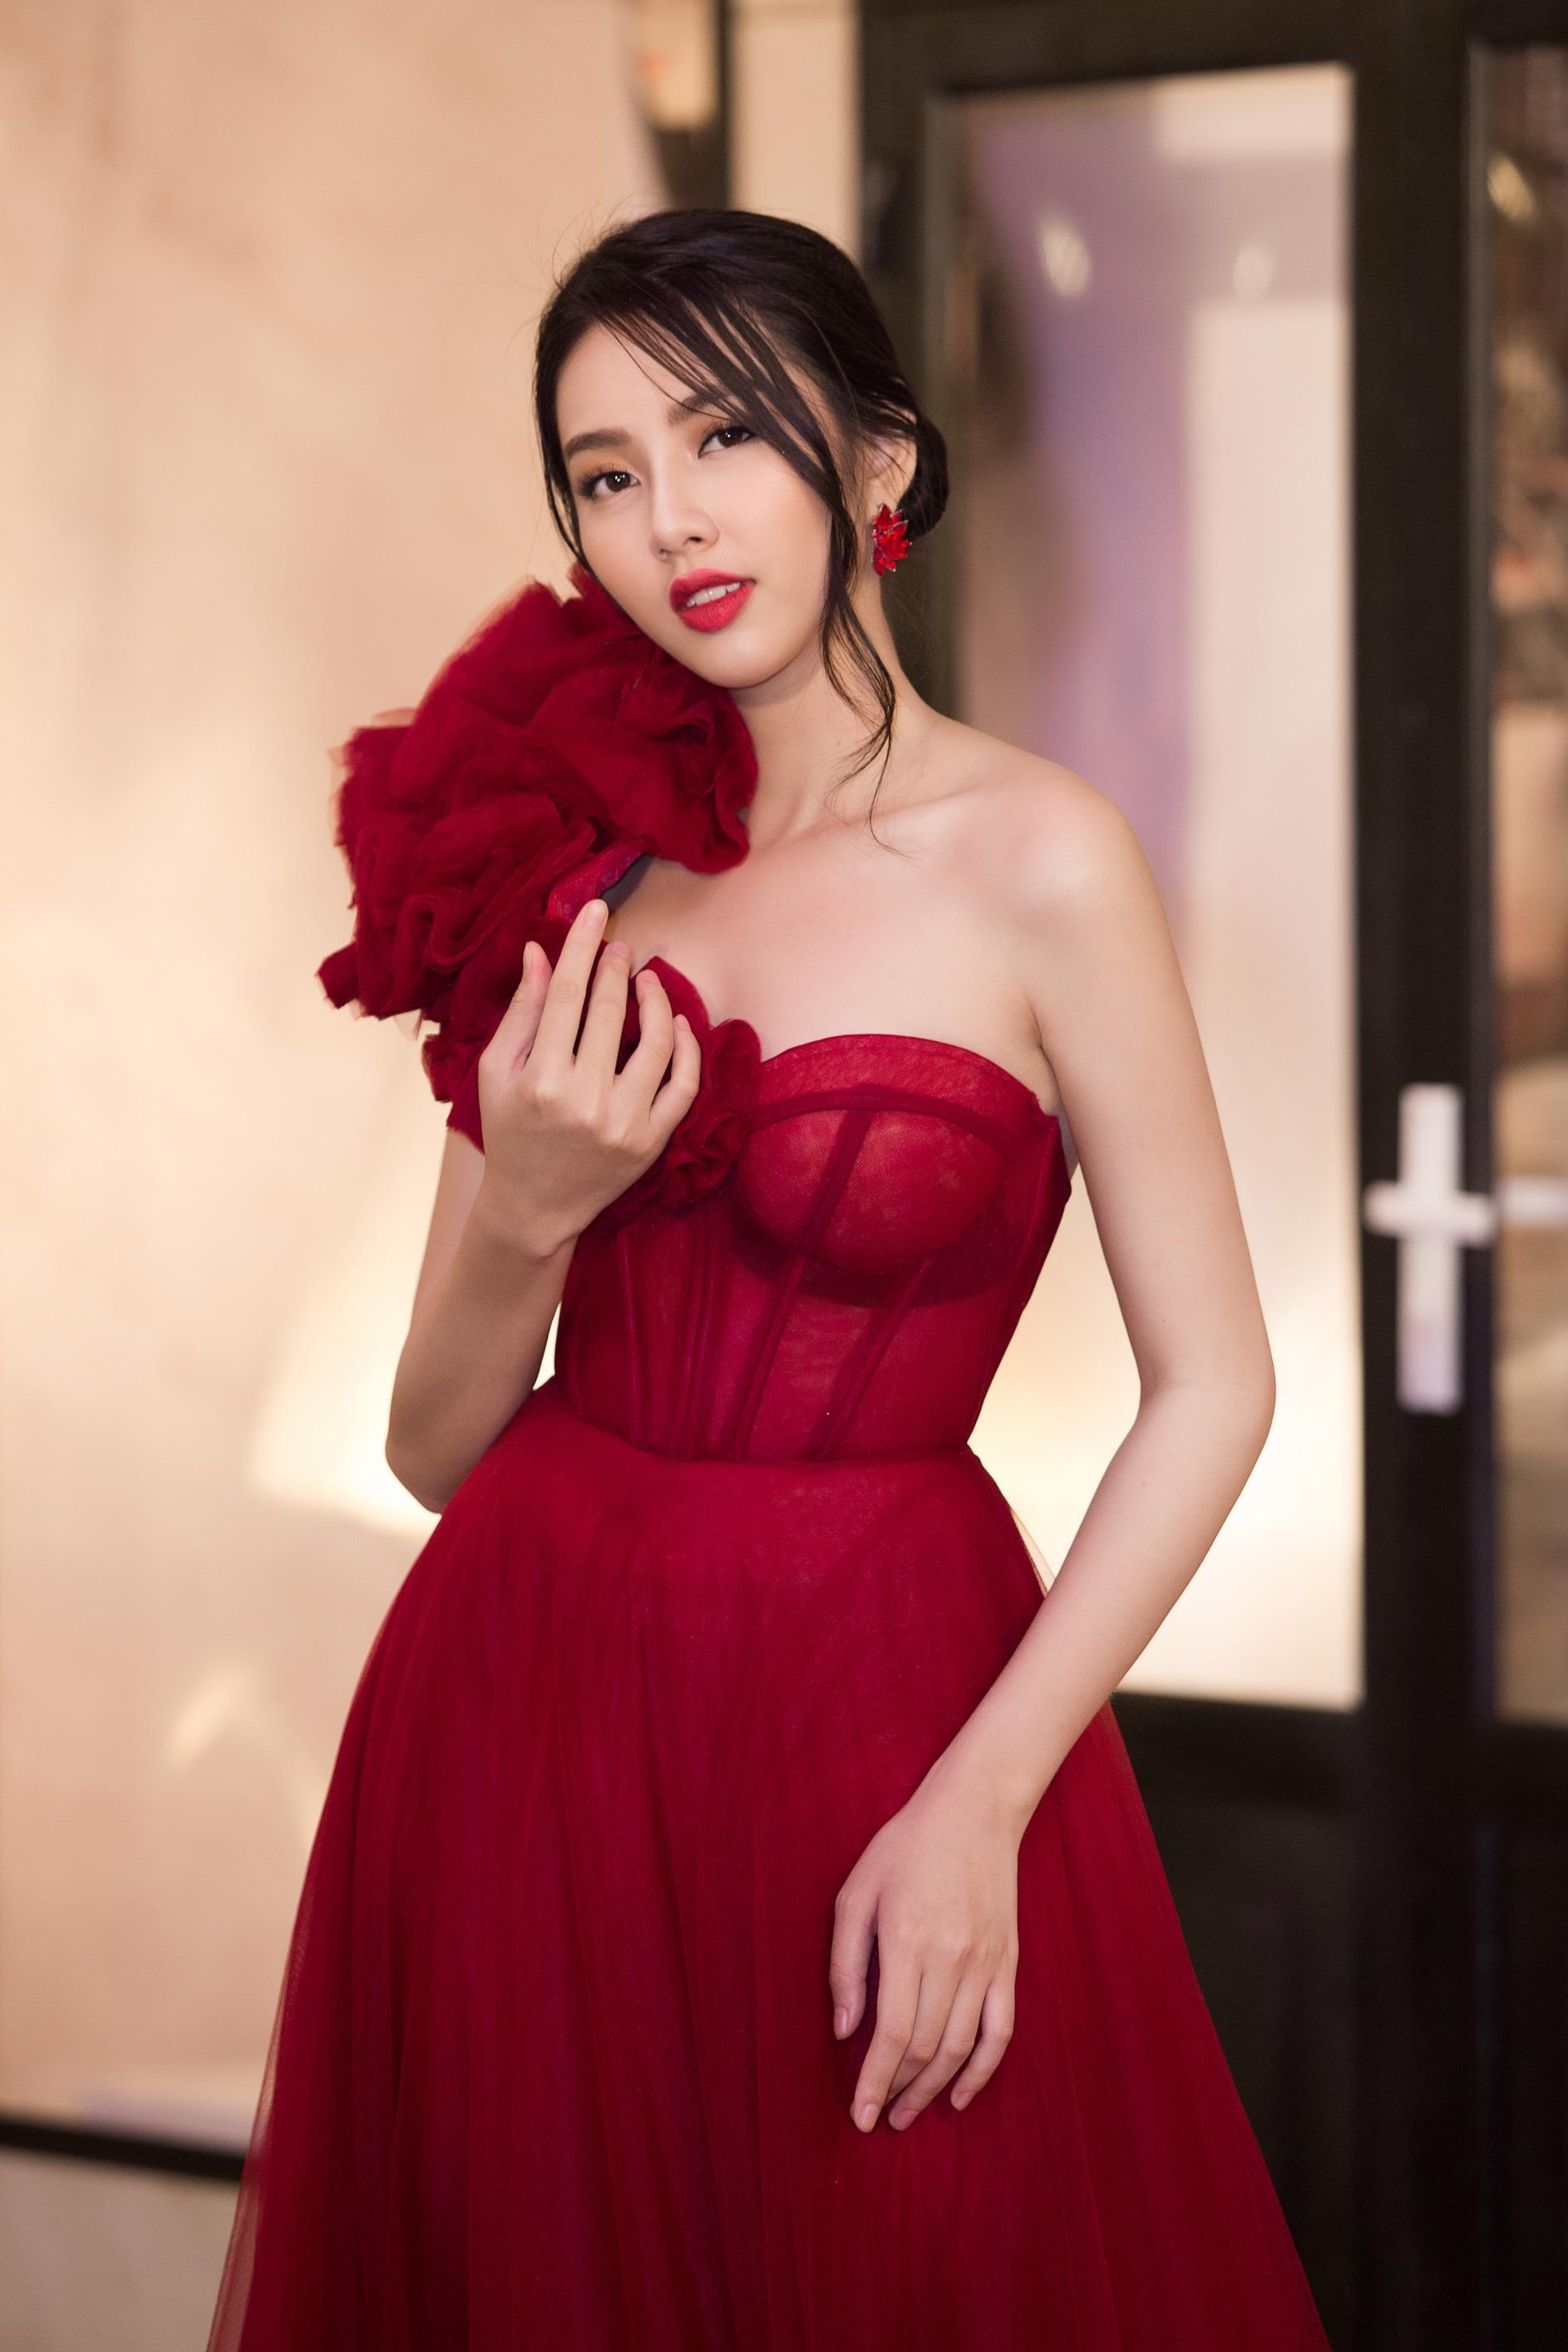 Hoa hậu Tiểu Vy mặc đầm cúp ngực quyến rũ khó tả Ảnh 4